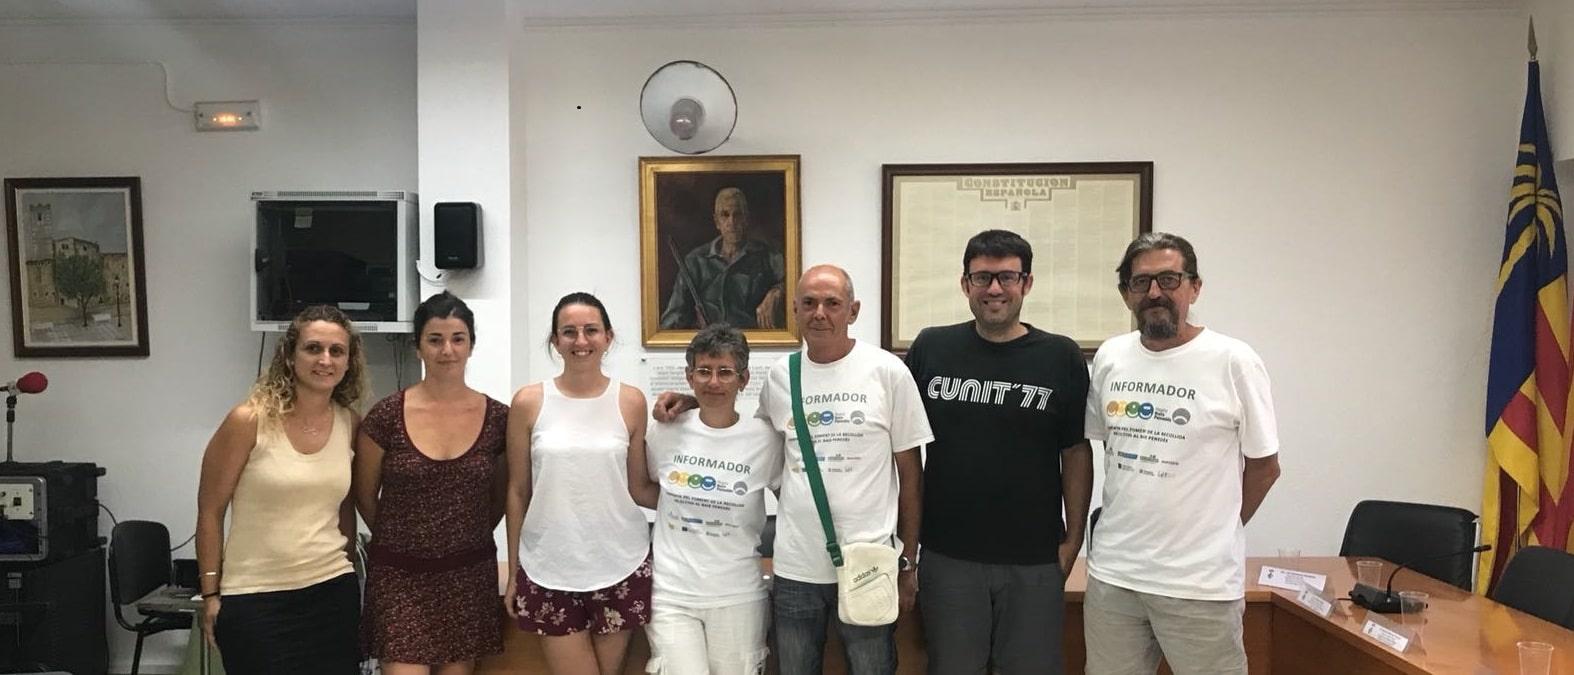 FINALITZACIÓ DE CONTRACTE DE DOS INFORMADORS AMBIENTALS A CUNIT DINTRE DEL PROGRAMA TREBALL I FORMACIÓ 2017